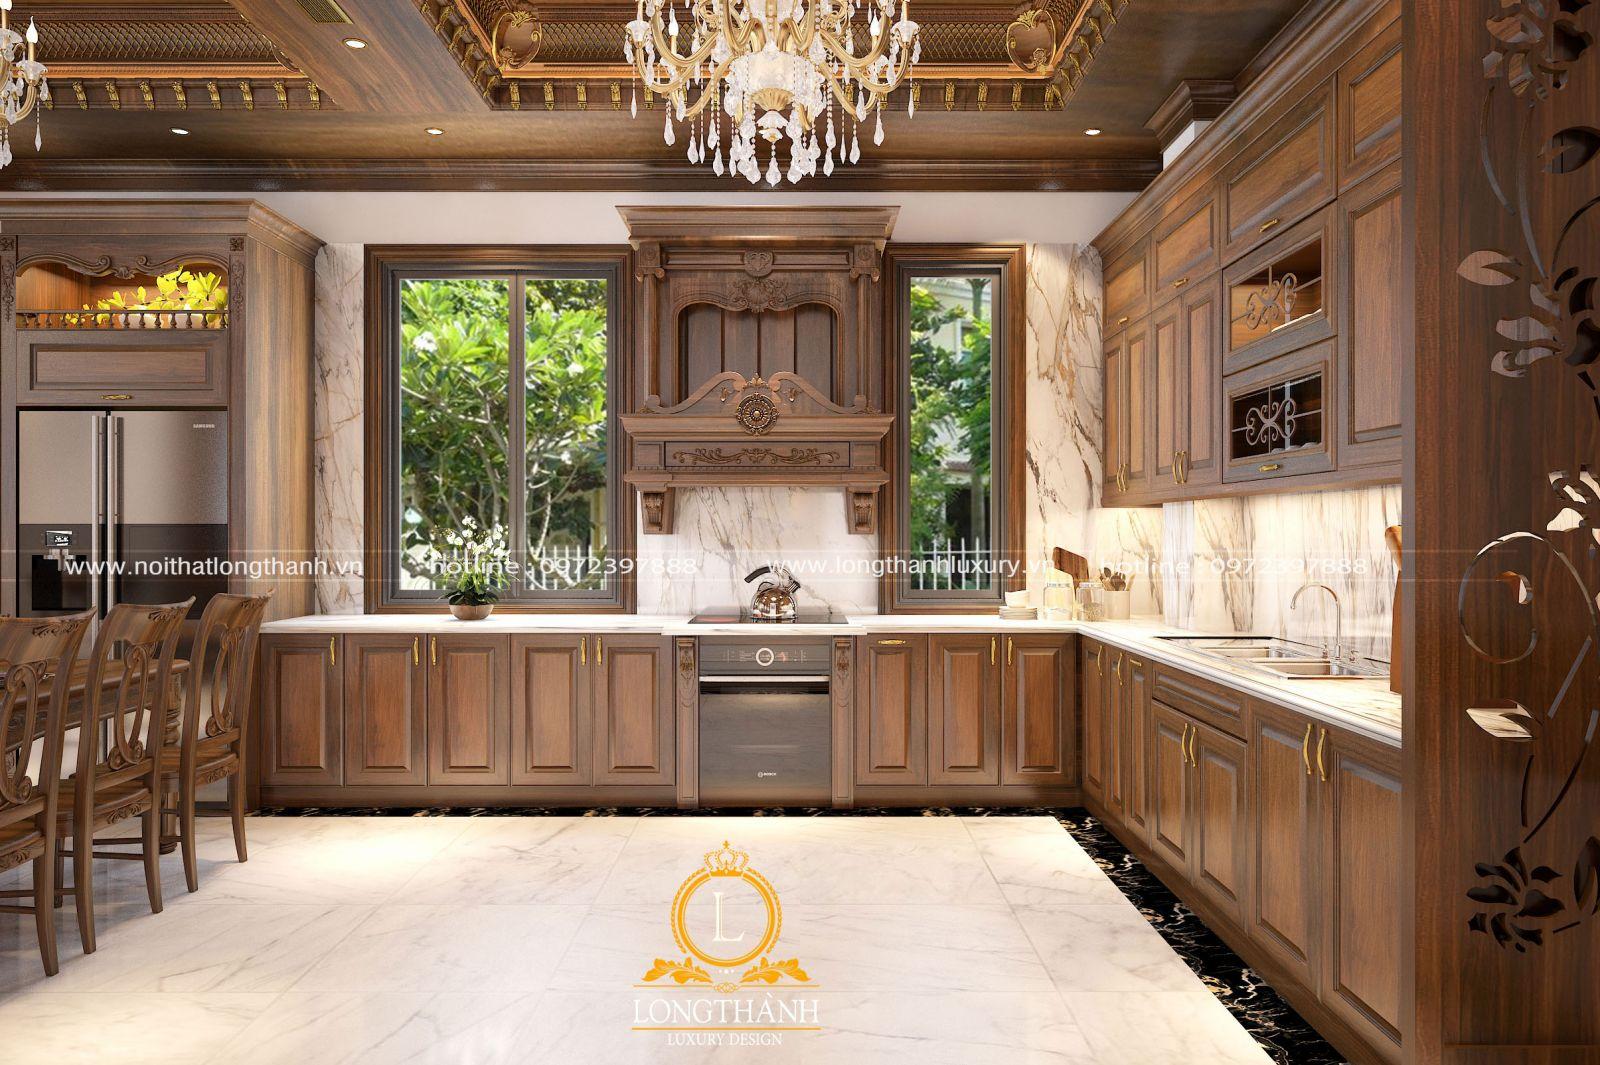 Không gian bếp ăn sử dụng ánh sáng tự nhiên từ các diện cửa sổ